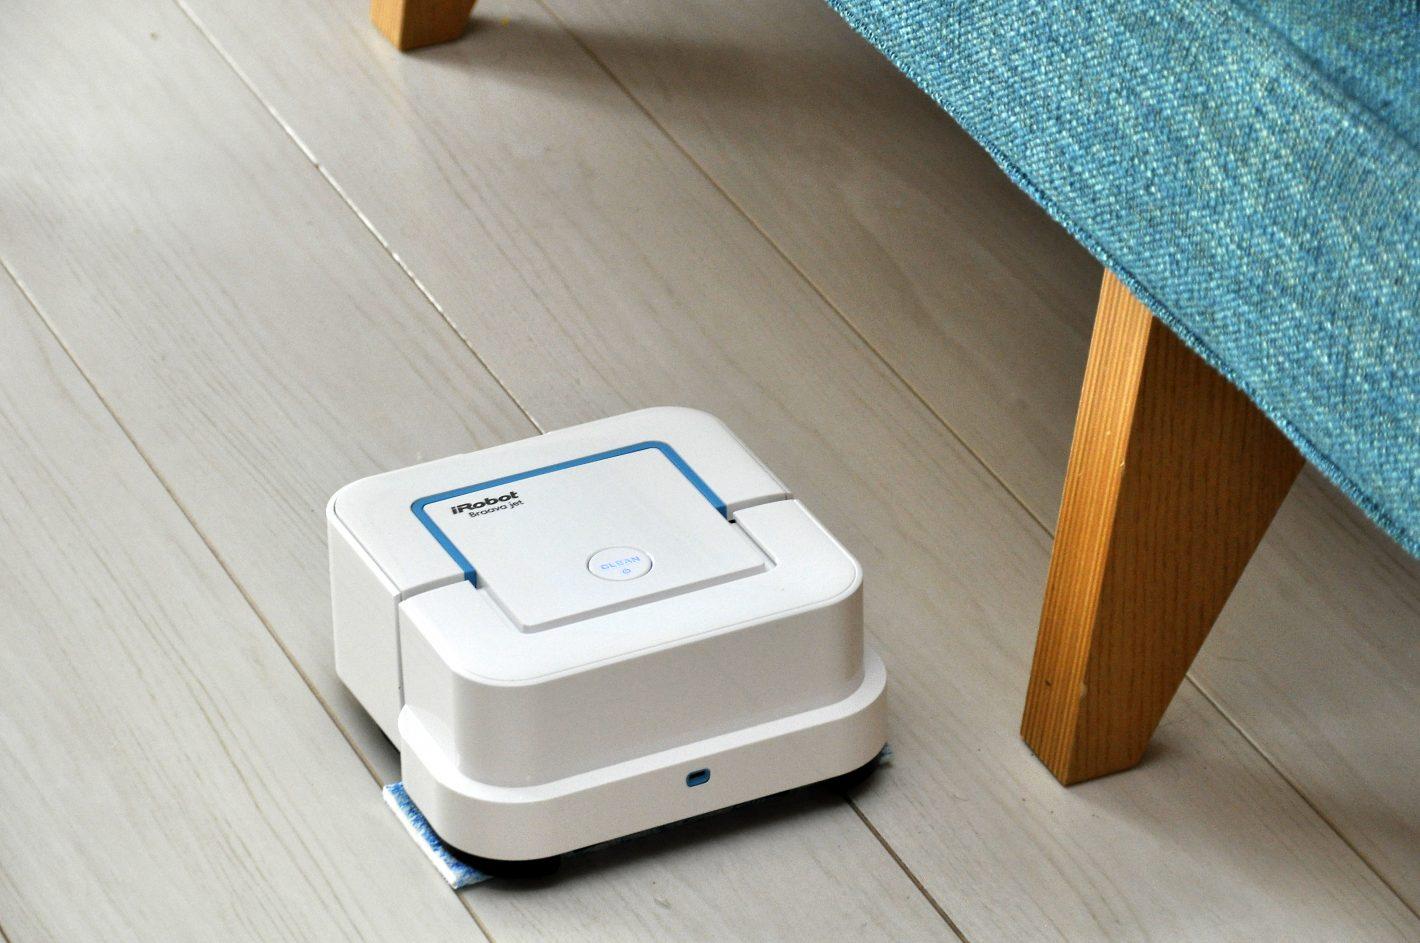 使って検証! 最新床拭きロボット「ブラーバジェット240」でフローリングがいつもピカピカ | MonoMax(モノマックス)/宝島社の雑誌MonoMaxの公式サイト